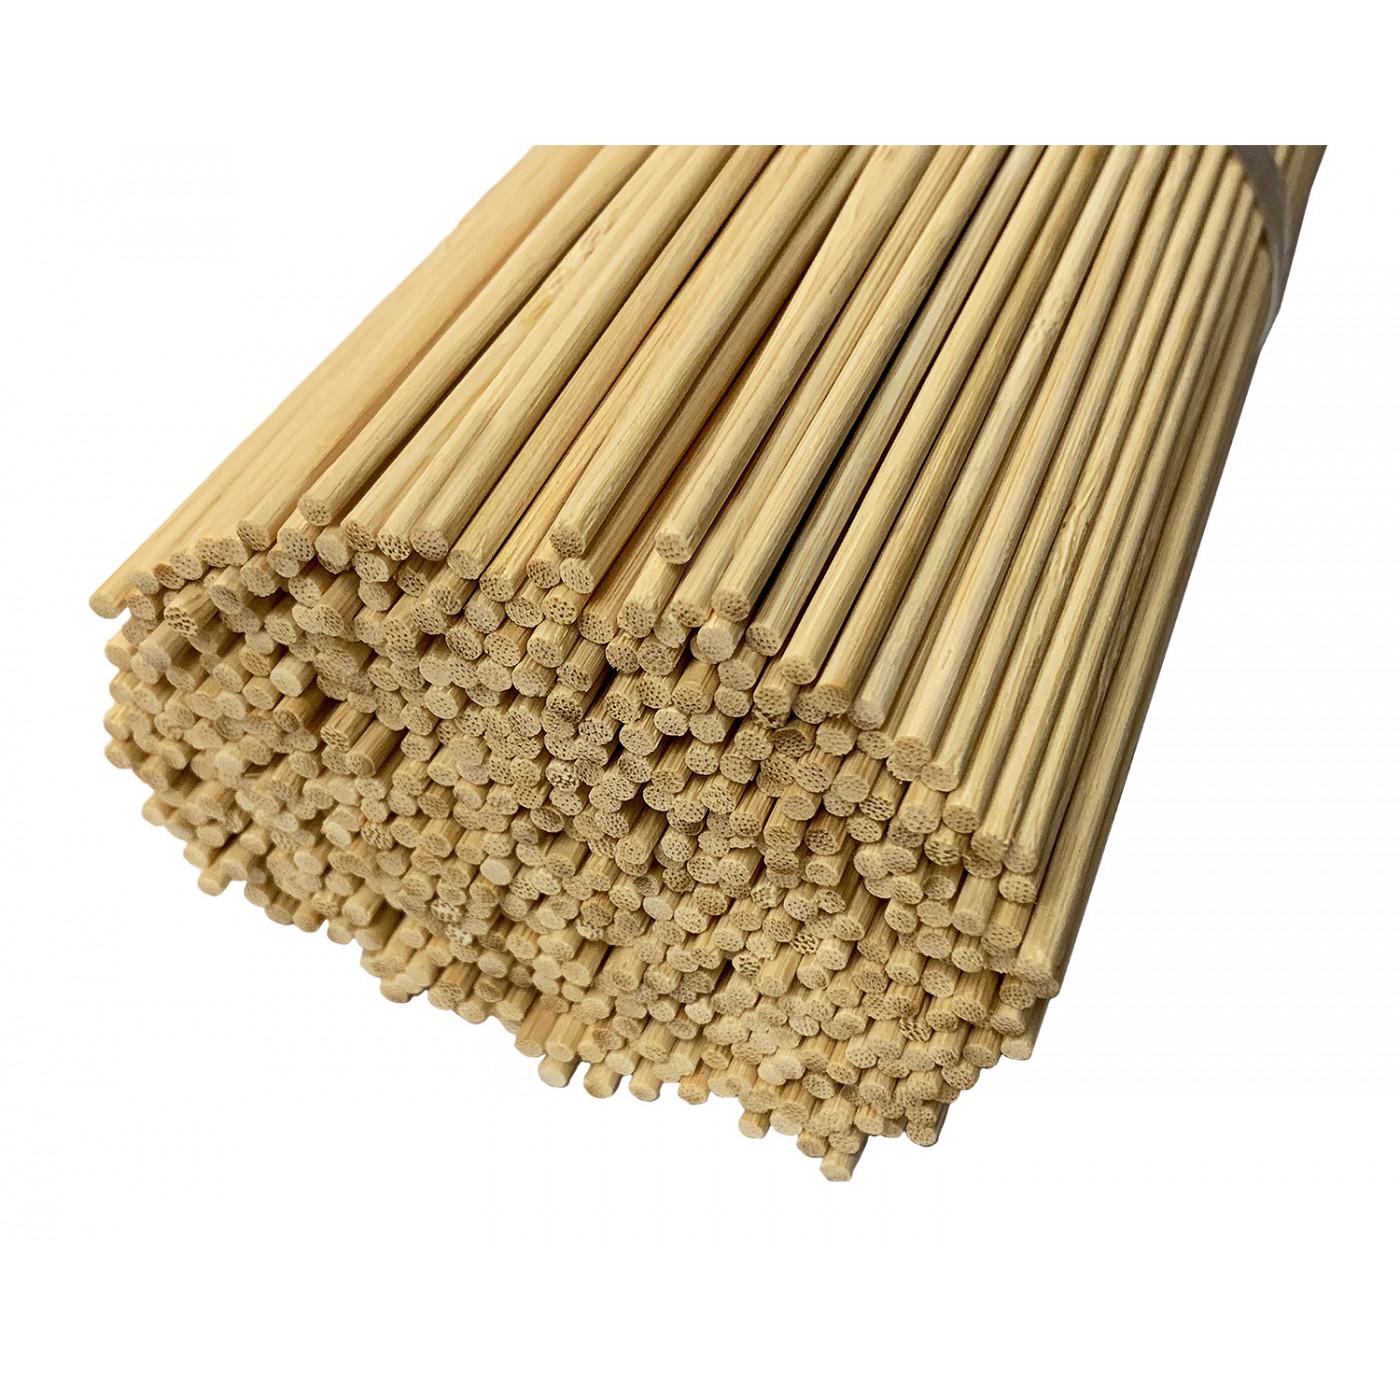 Zestaw 500 długich patyczków bambusowych (3 mm x 50 cm)  - 1